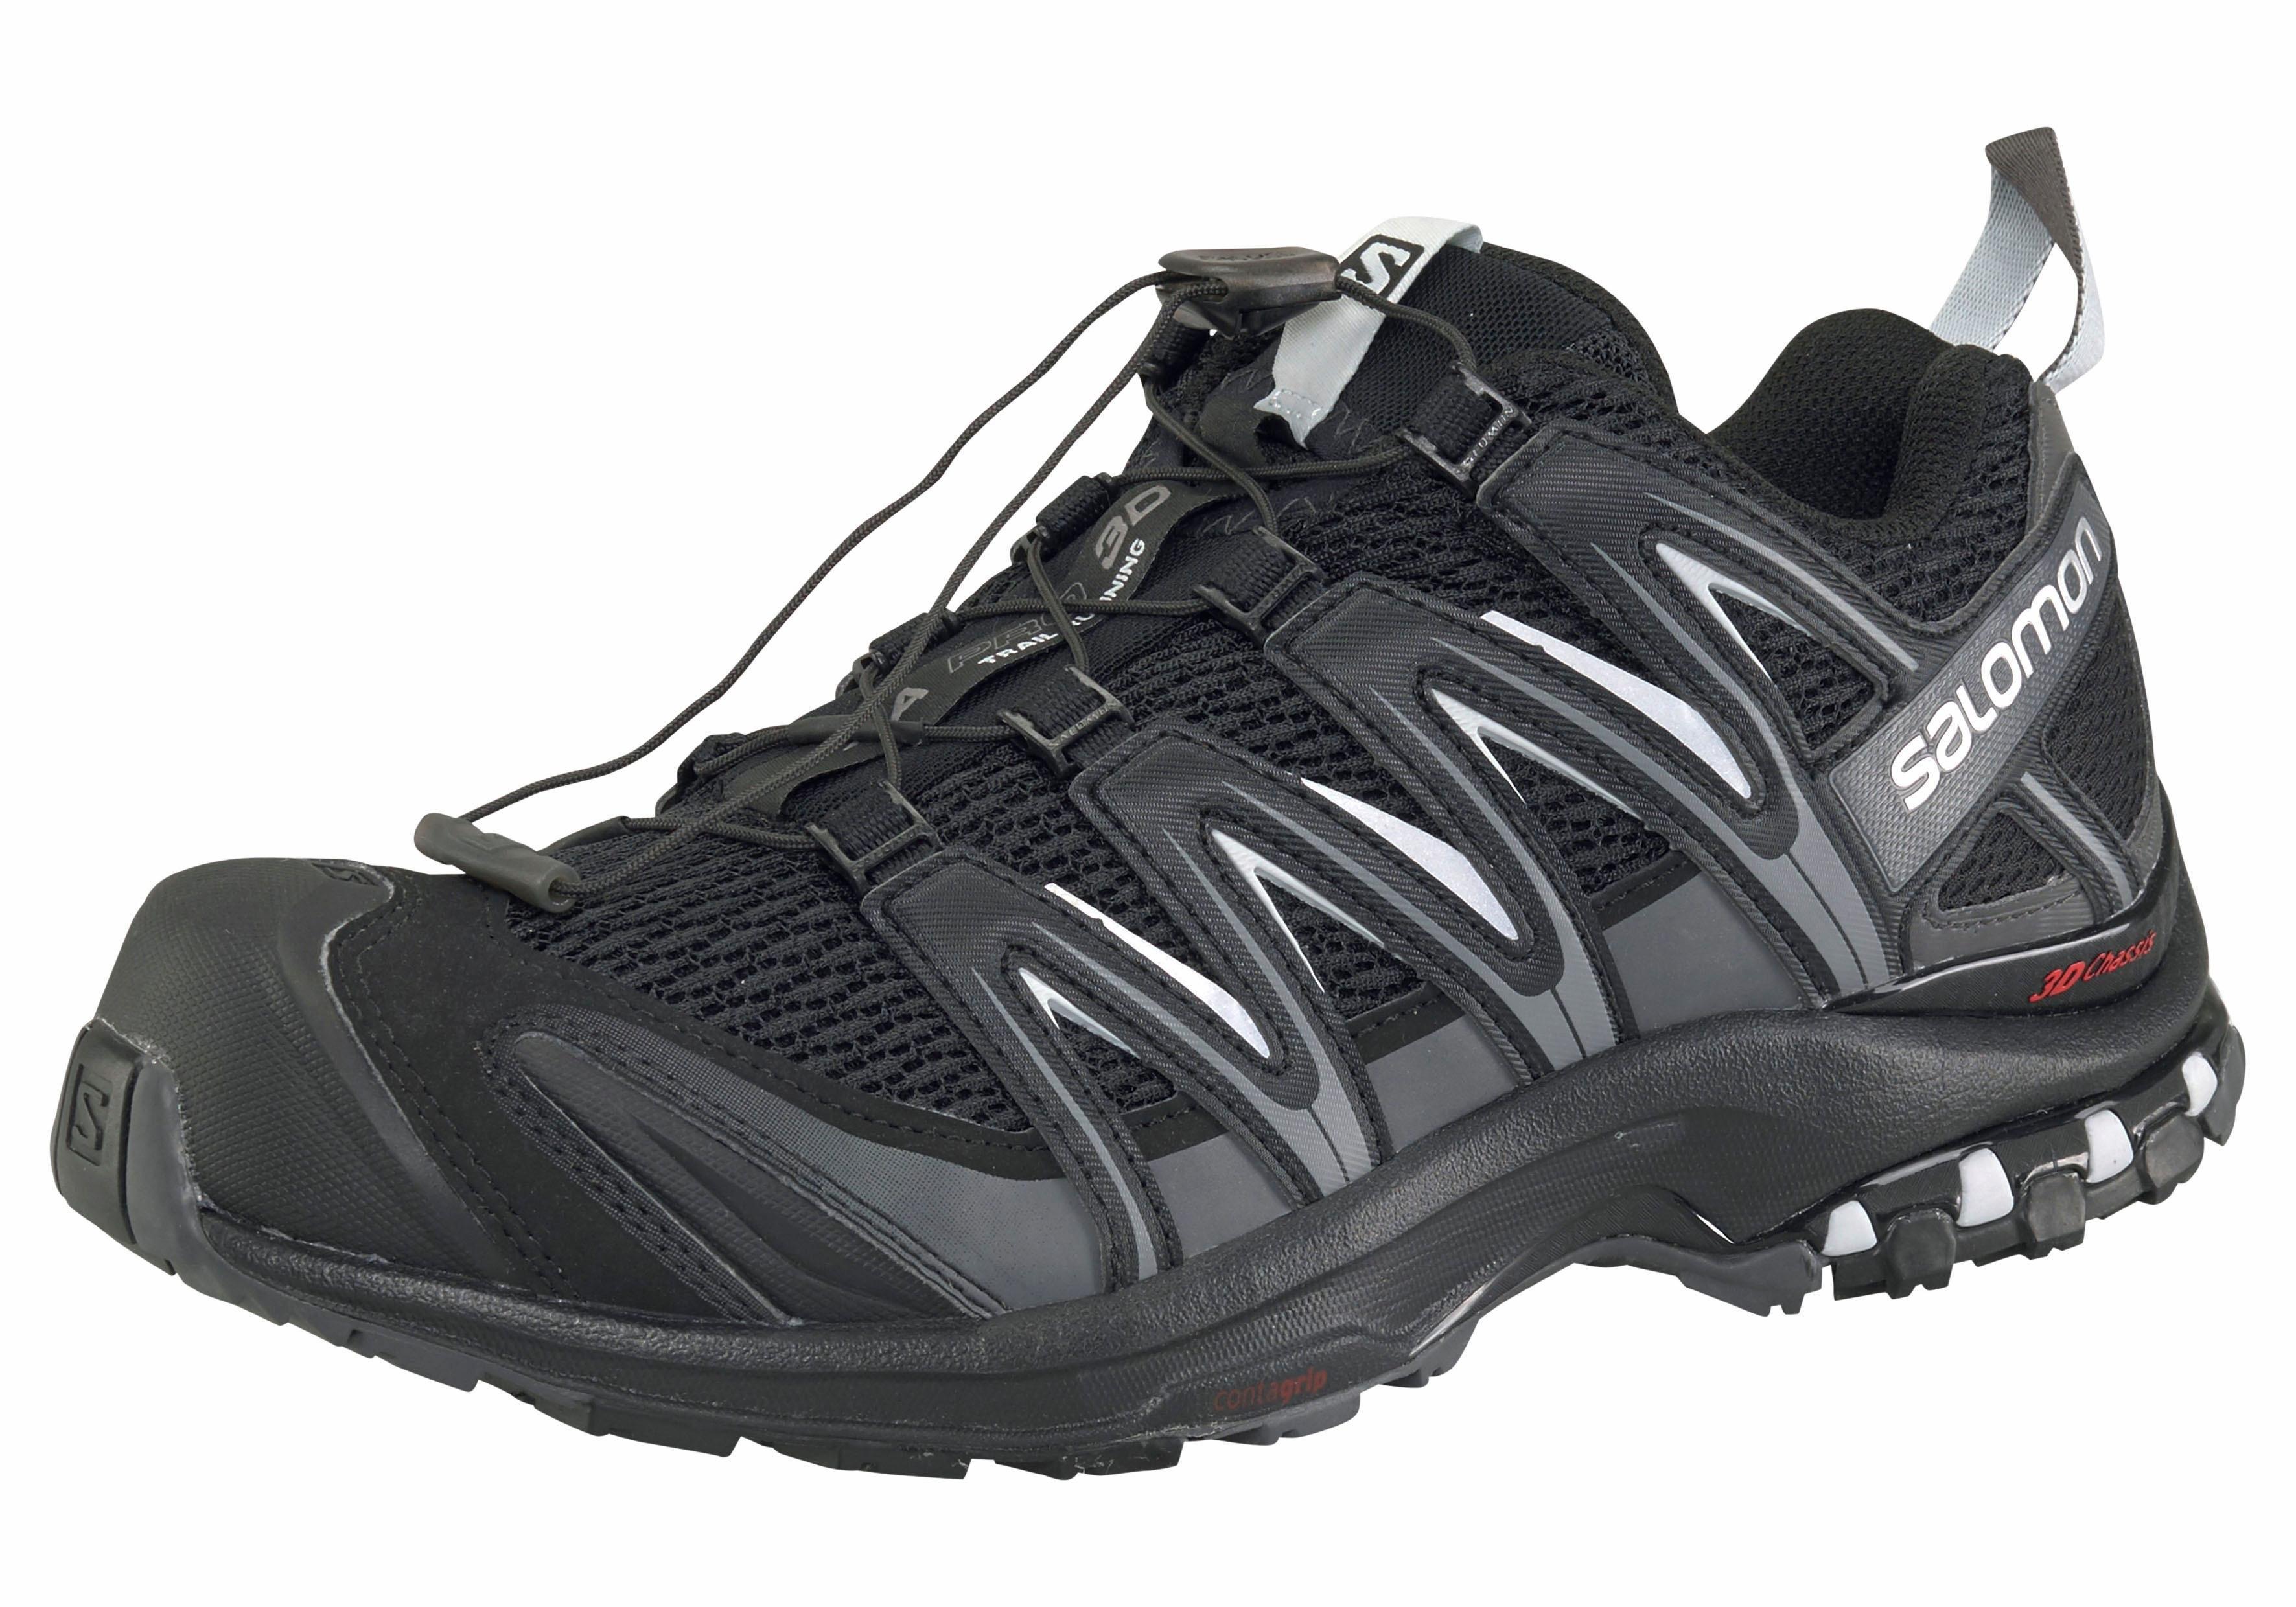 Salomon runningschoenen »XA PRO 3D« bij OTTO online kopen